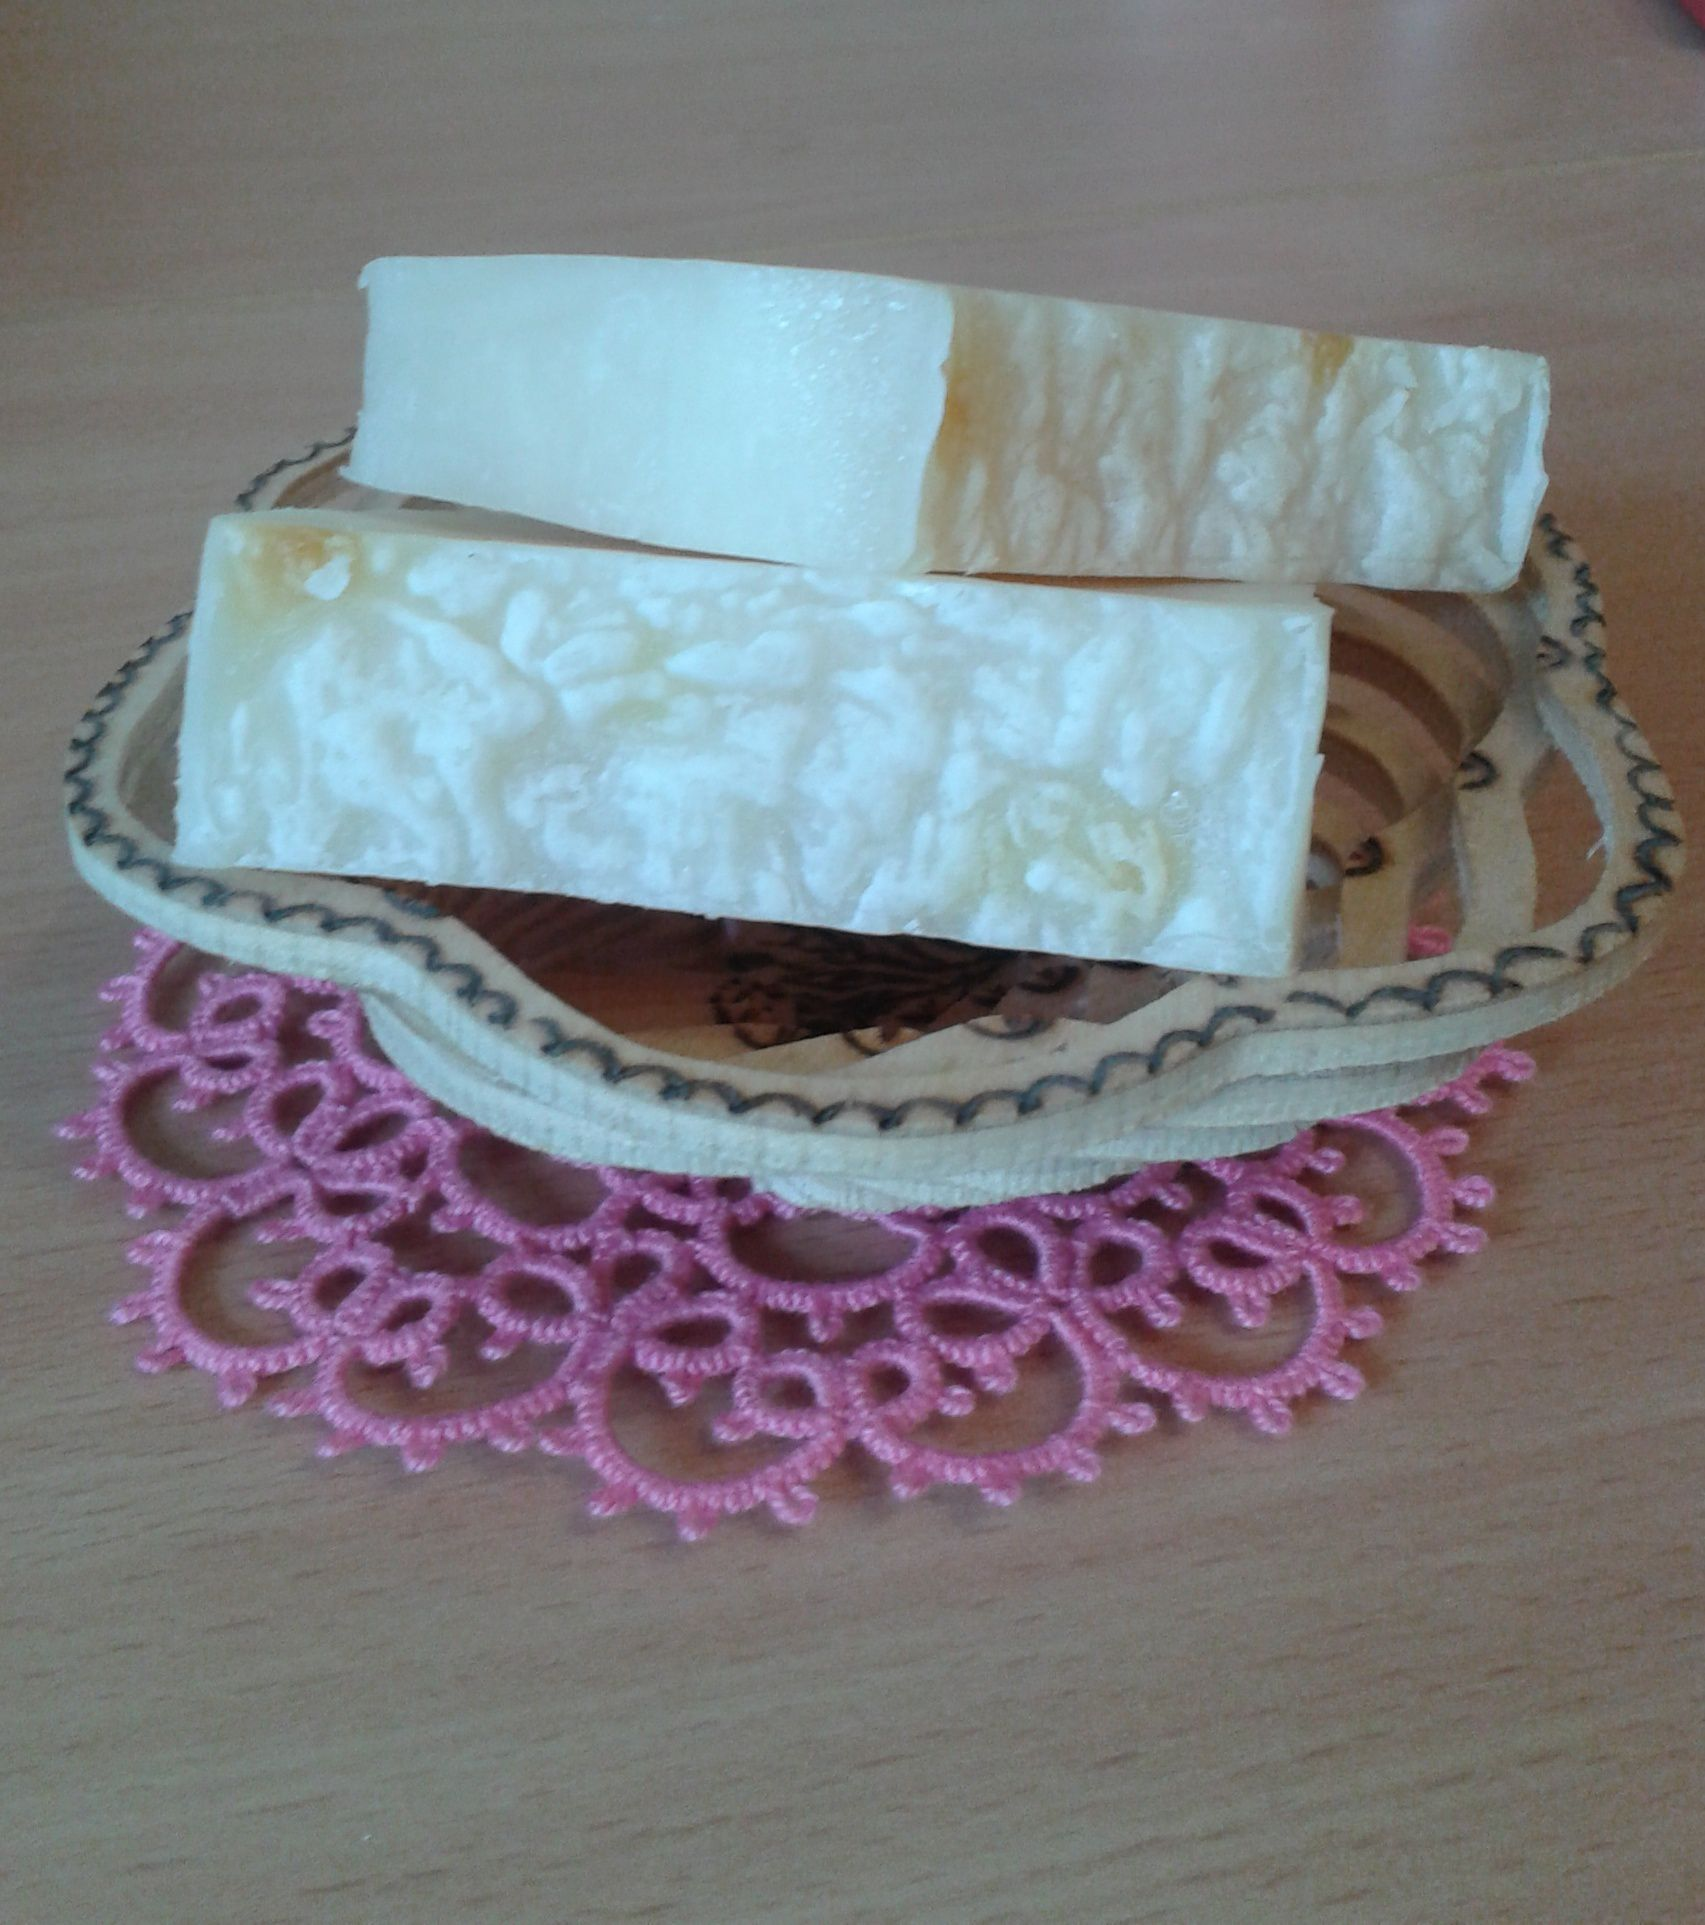 красителейбез натуральное нулябез с отдушекполезное мылоподарить мылополезный подарок мылокупить мыломыло